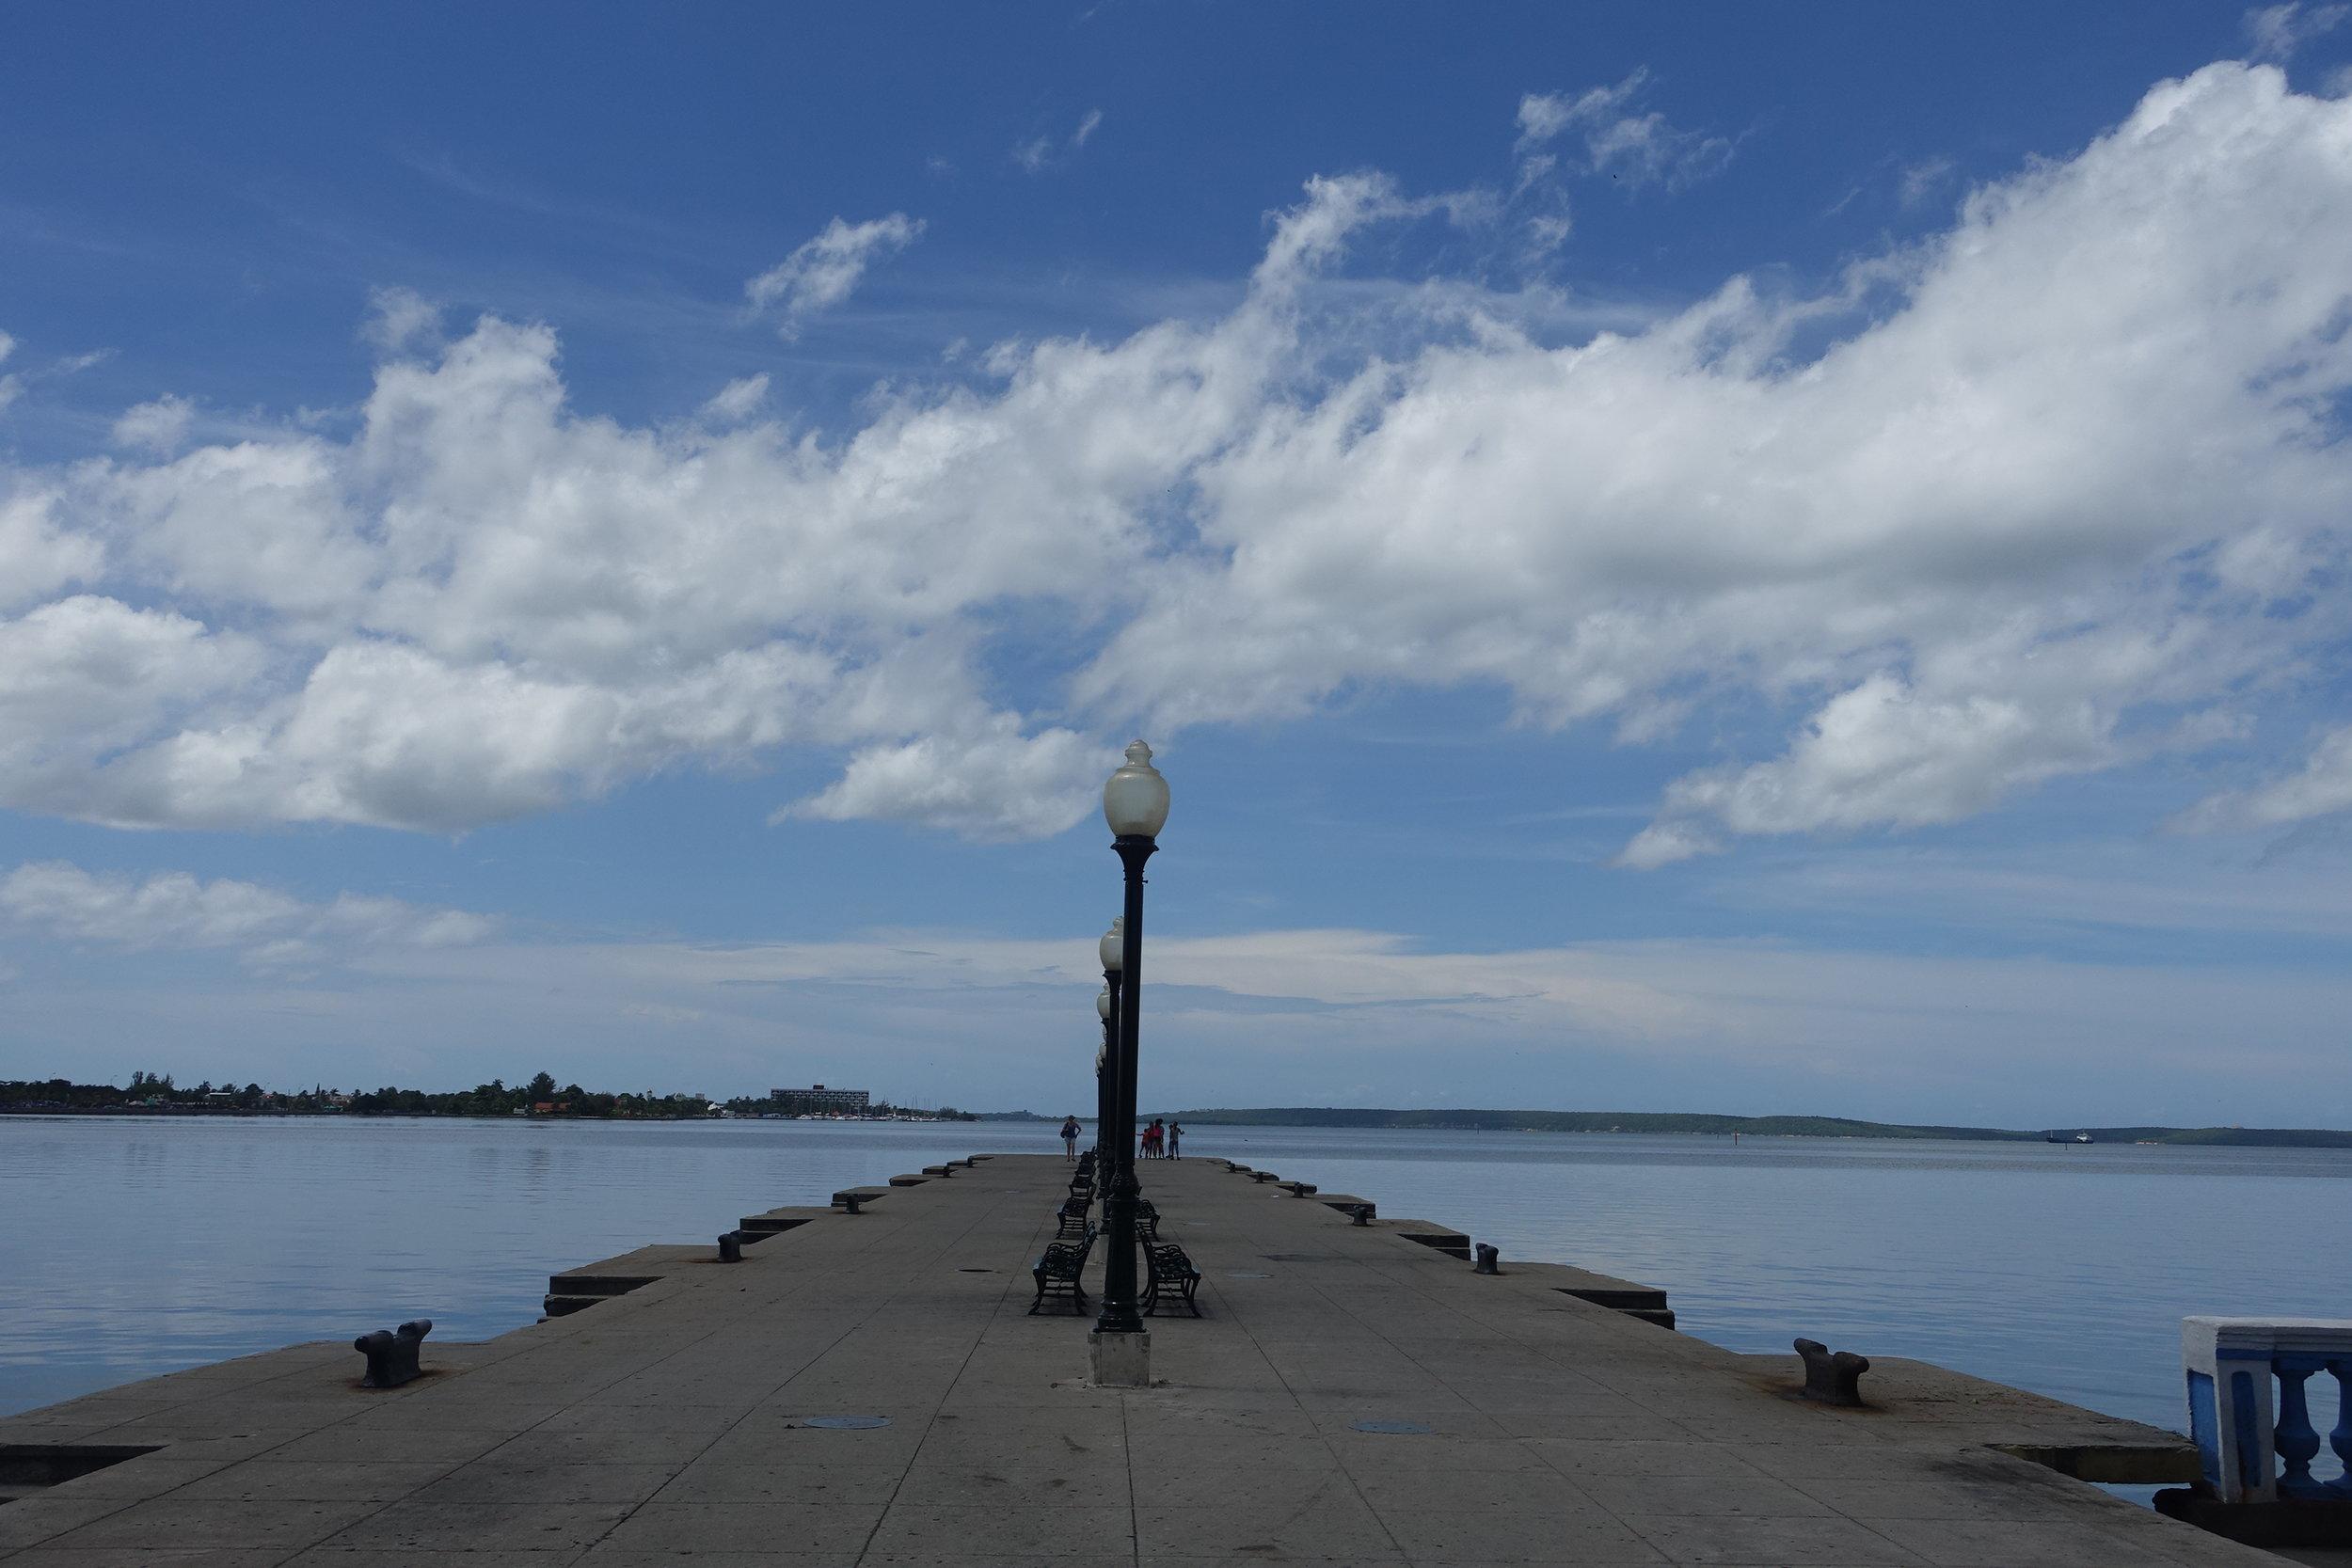 promenade at the bay